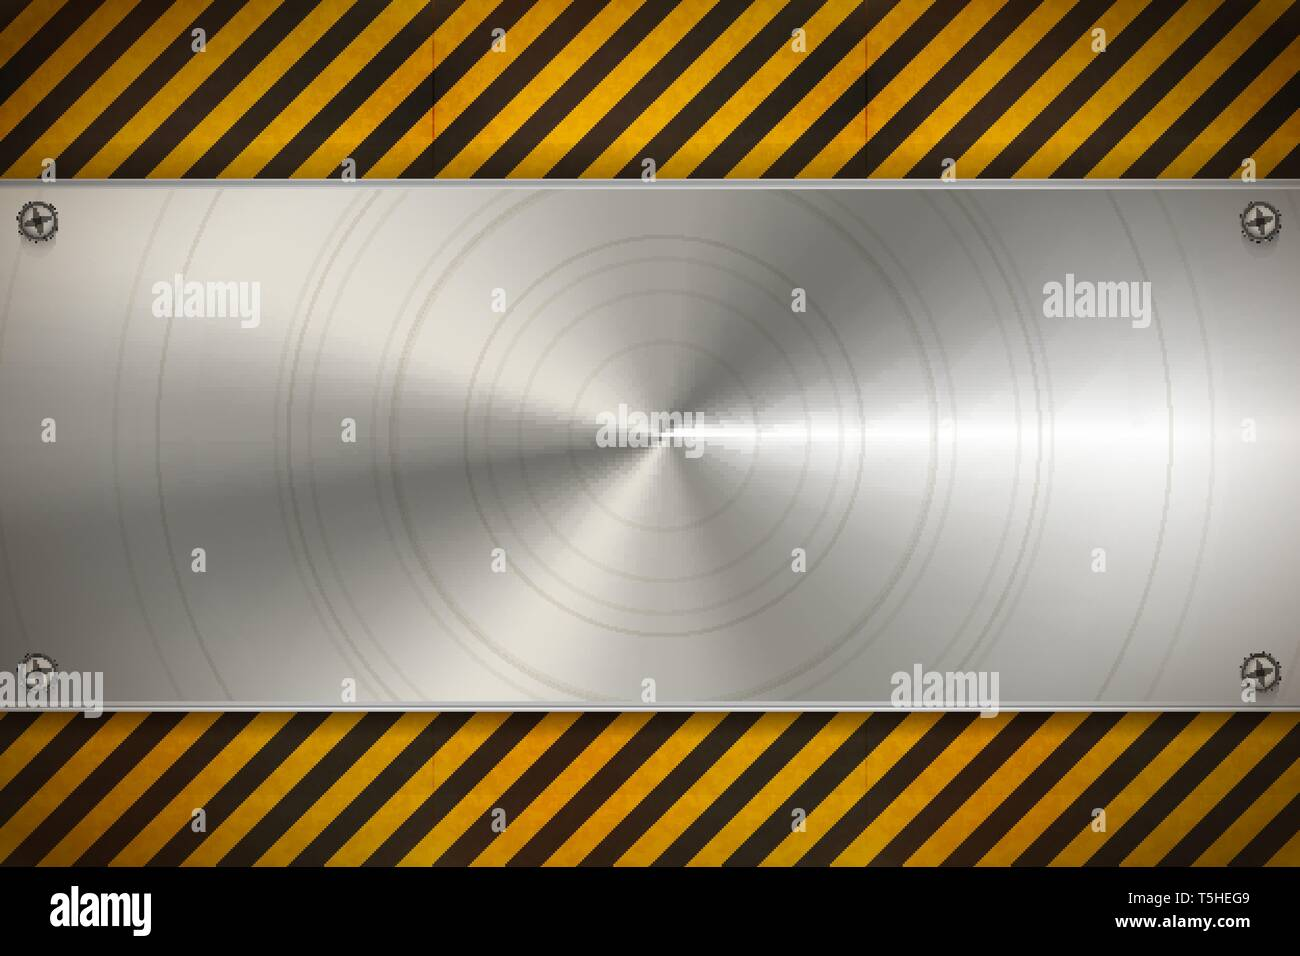 Contexte industriel métal poli avec plaque vierge sur l'avertissement d'usure avec motif rayures rouges et blanches Photo Stock